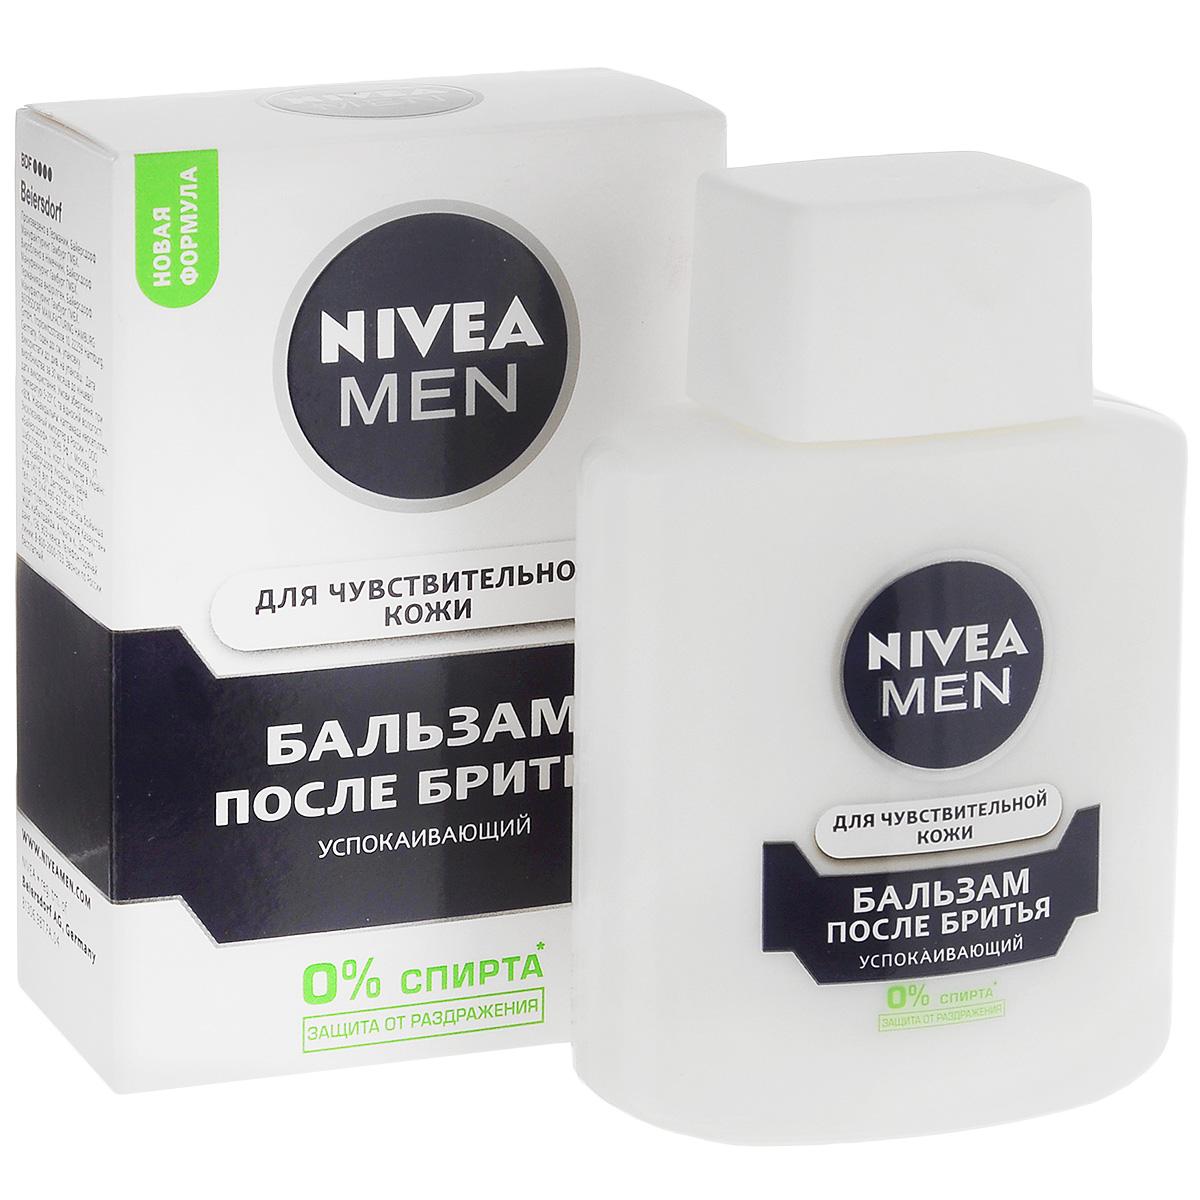 NIVEAБальзам после бритья Для чувствительной кожи 100 мл